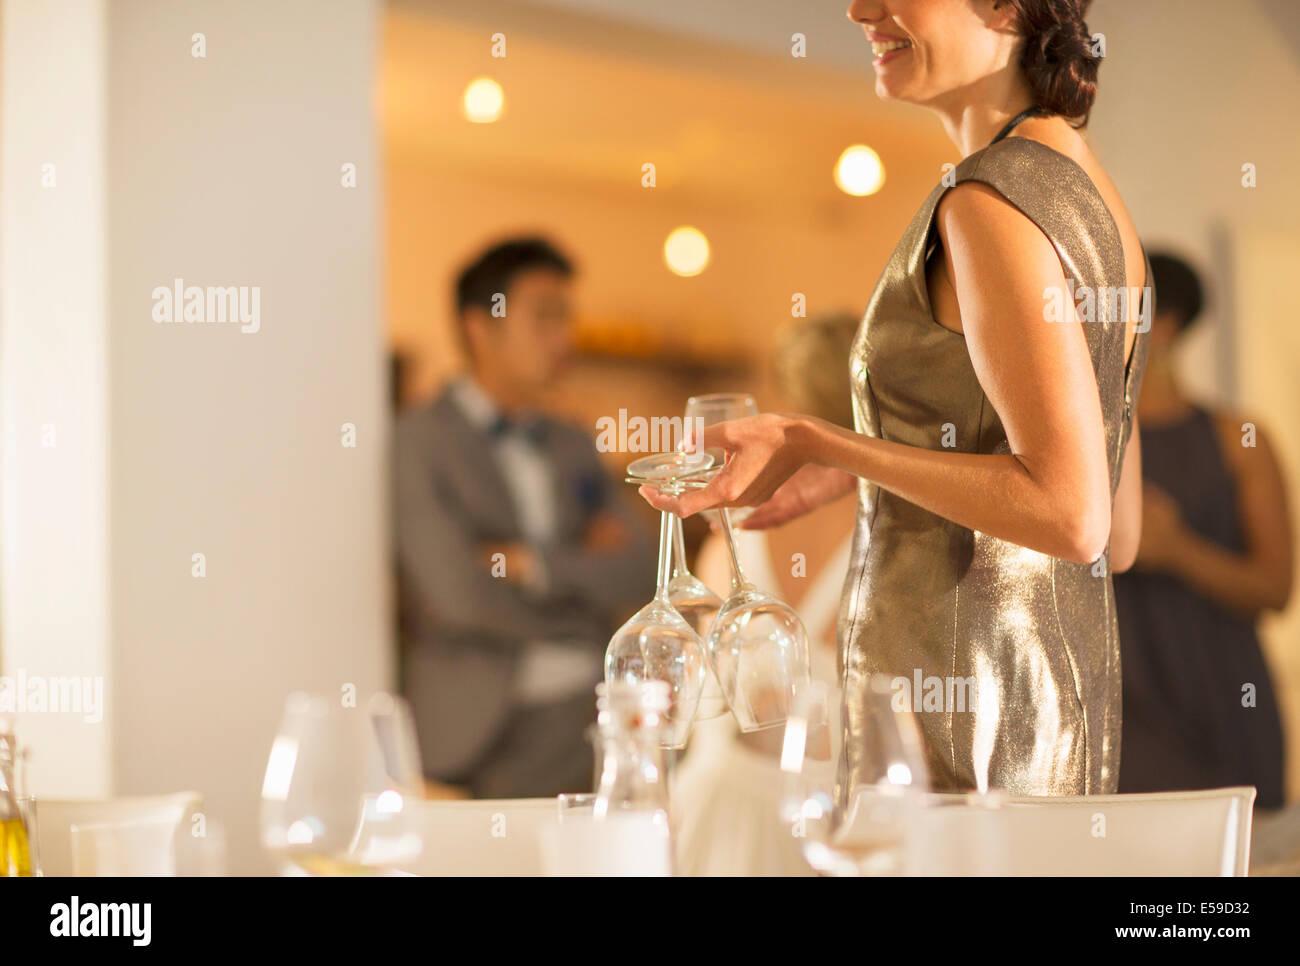 Réglage de la femme à table dinner party Photo Stock